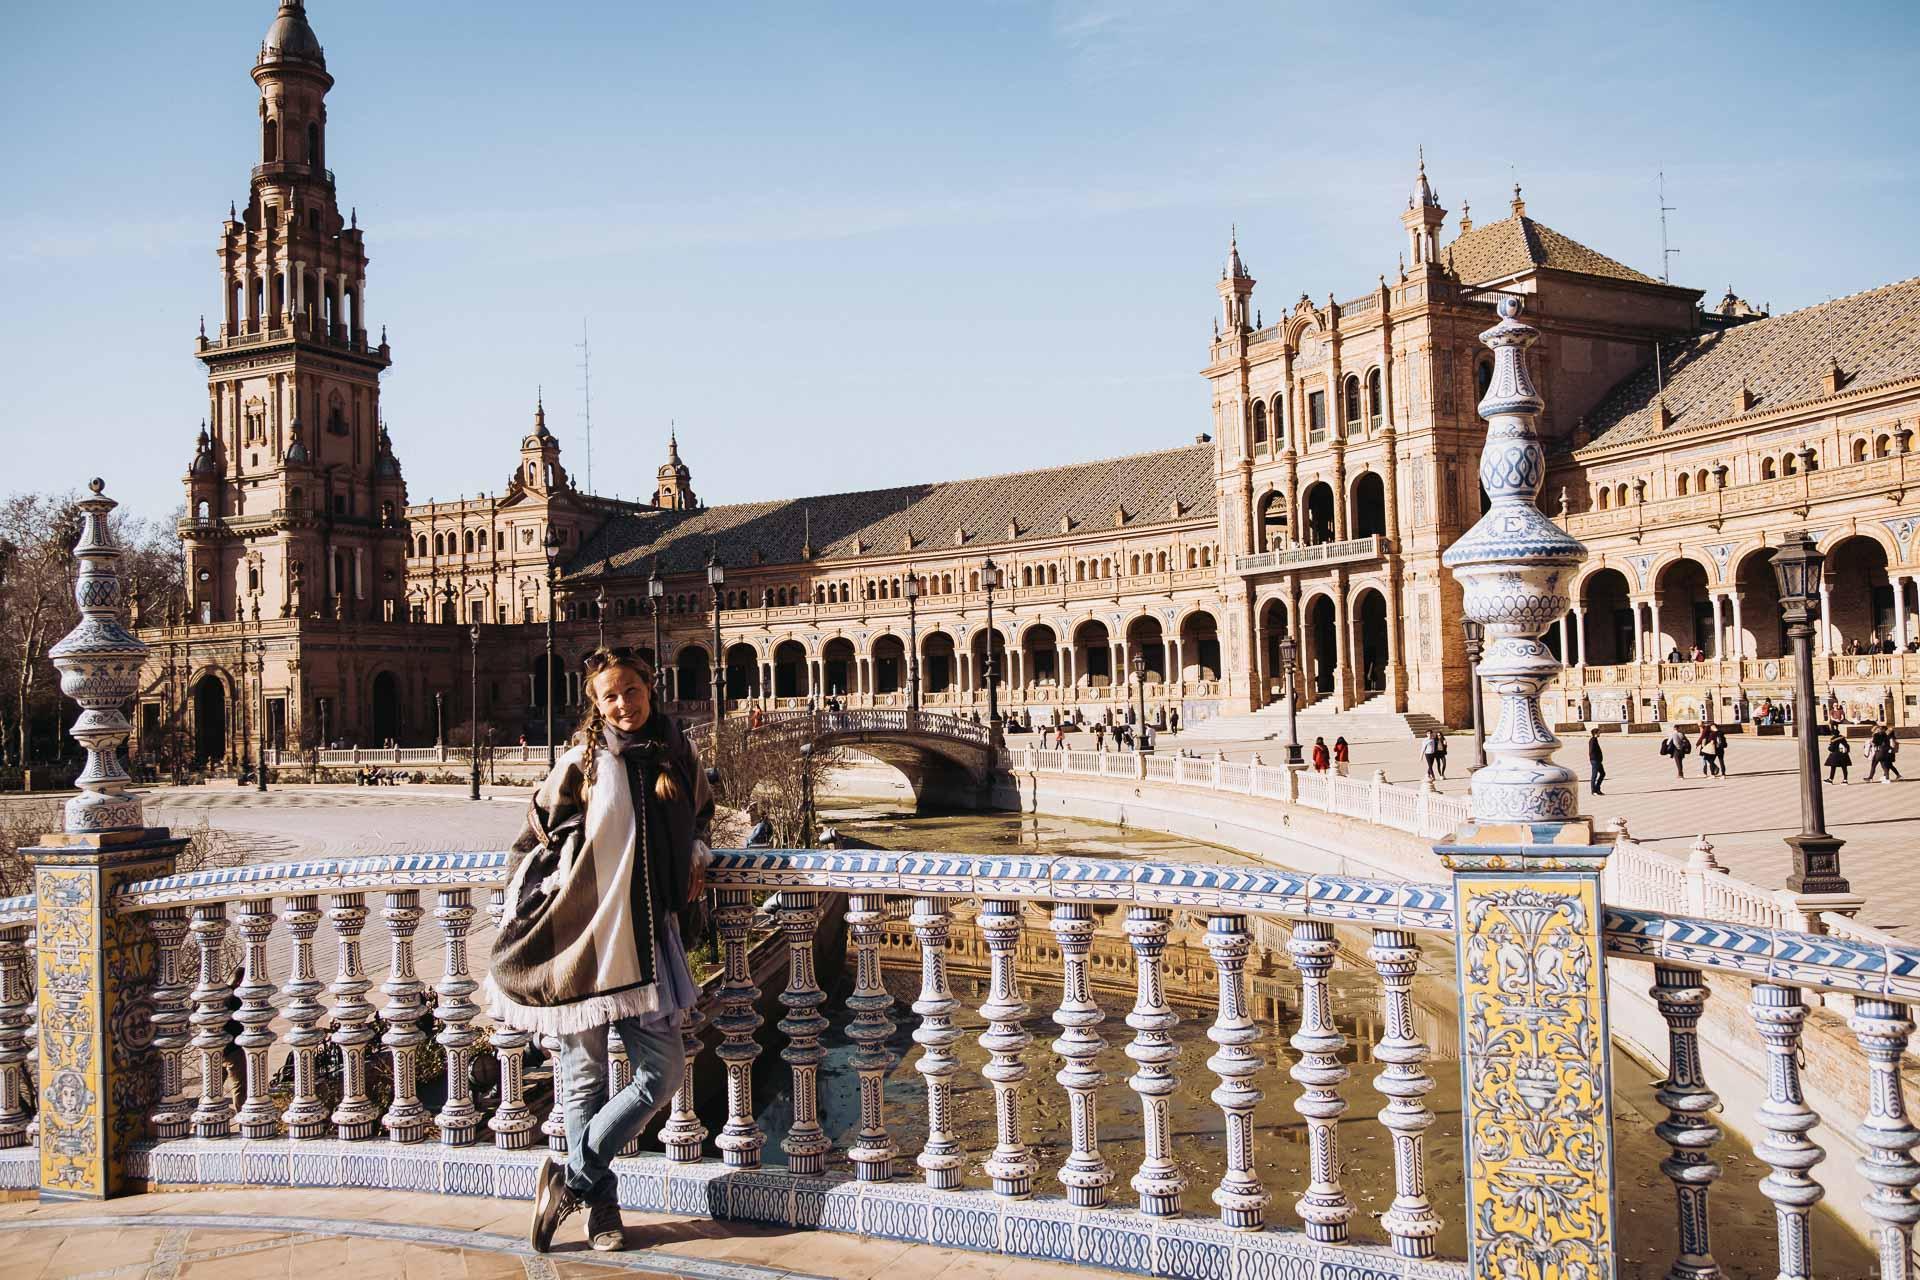 Plaza de Espana, reseblogg